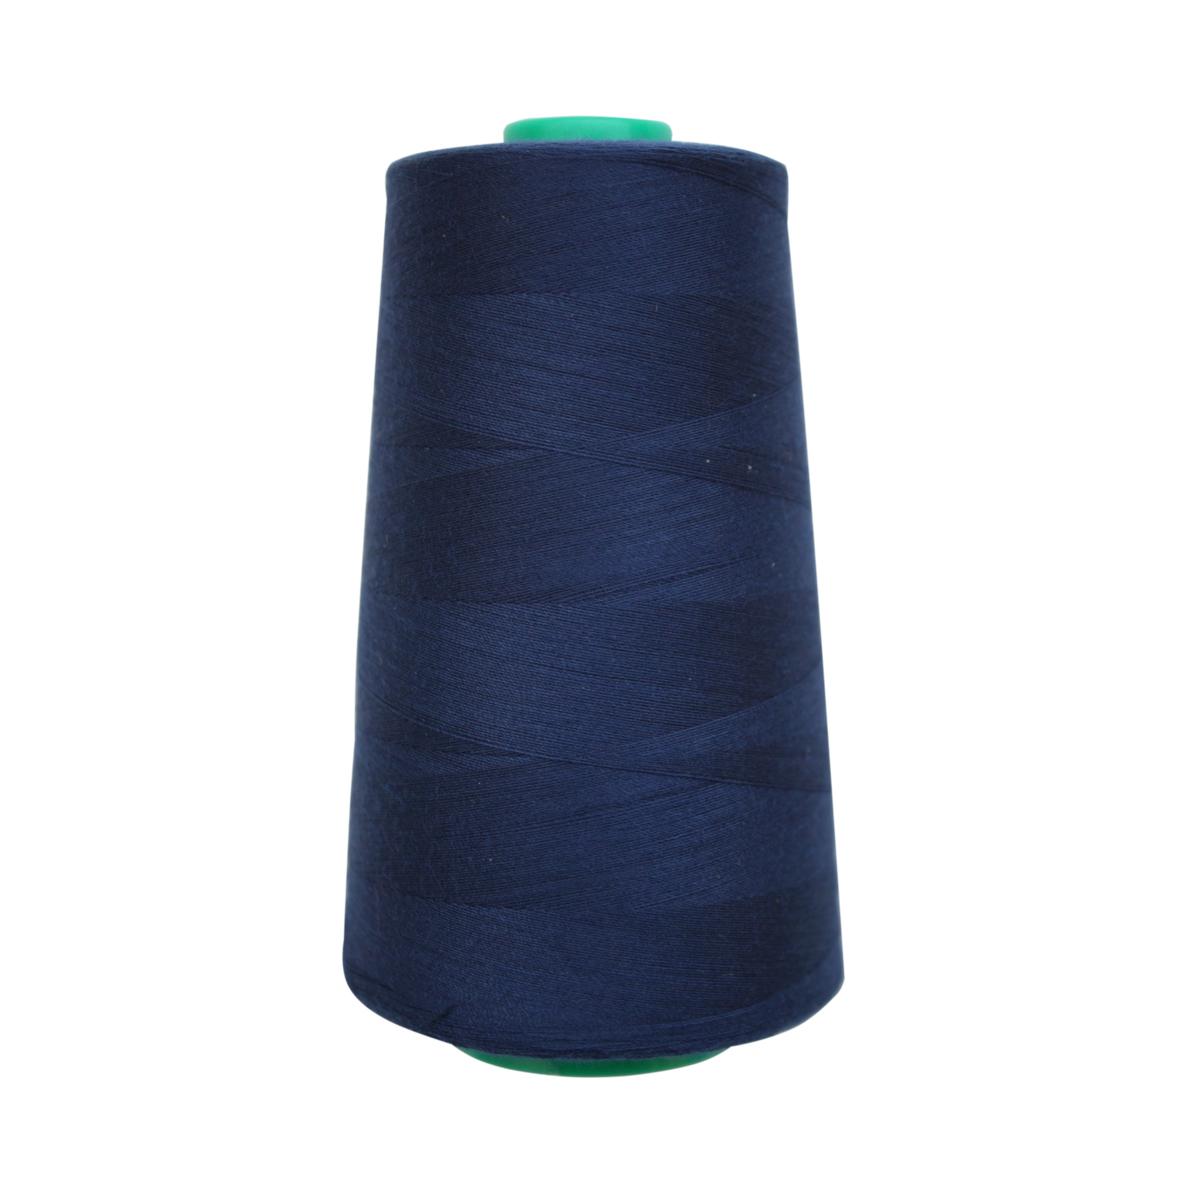 Нитки для шитья Bestex, 50/2, 5000 ярдов, цвет: темно-синий (097)7700936-094Нитки для шитья Bestex произведены из 100% полиэстеровых штапельных (коротких) волокон высокой прочности и низкой степени растяжения. Благодаря методу соединения концов волокон без узлов, а также силиконовой обработке, обеспечивается равномерность нитей по всей длине и блеск. Сфера использования: трикотаж, ткани малого веса, оверлочные швы, отделка краев. Рекомендуется для вышивки на бытовых швейных машинах, а также для ручной вышивки. Размер игл: №70-80. Рекомендуем!